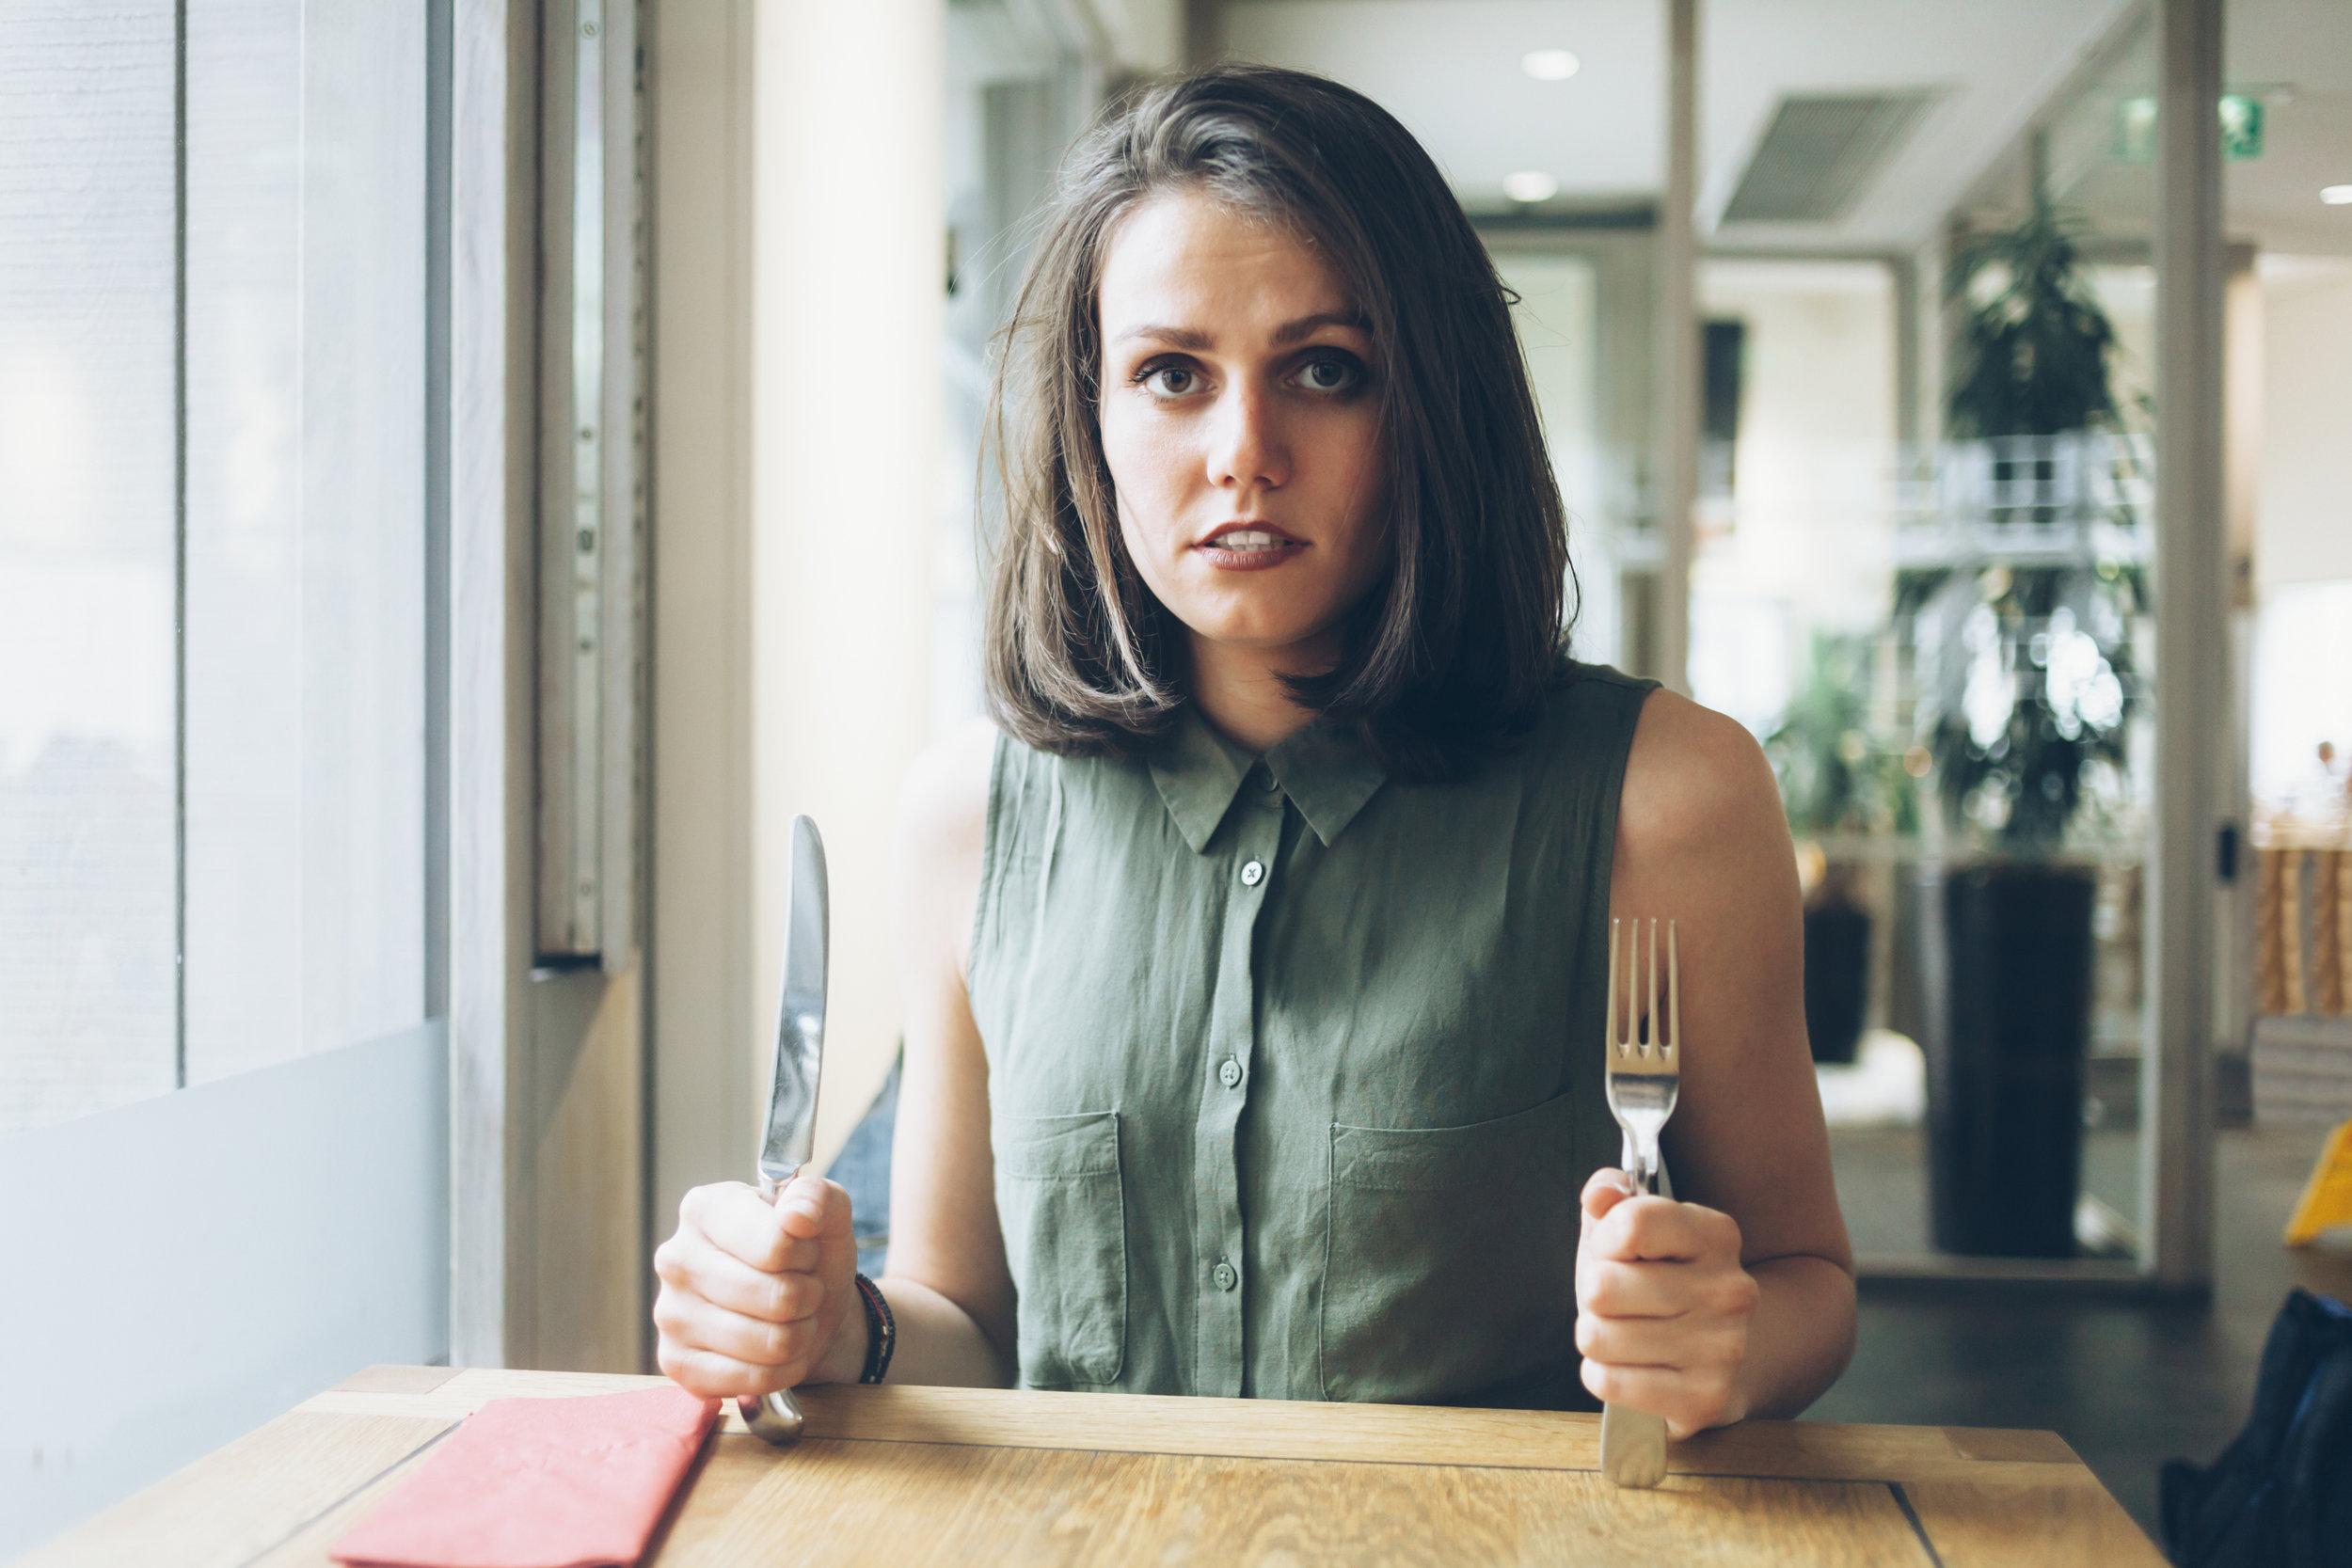 голодная женщина за столом с ножом и вилкой